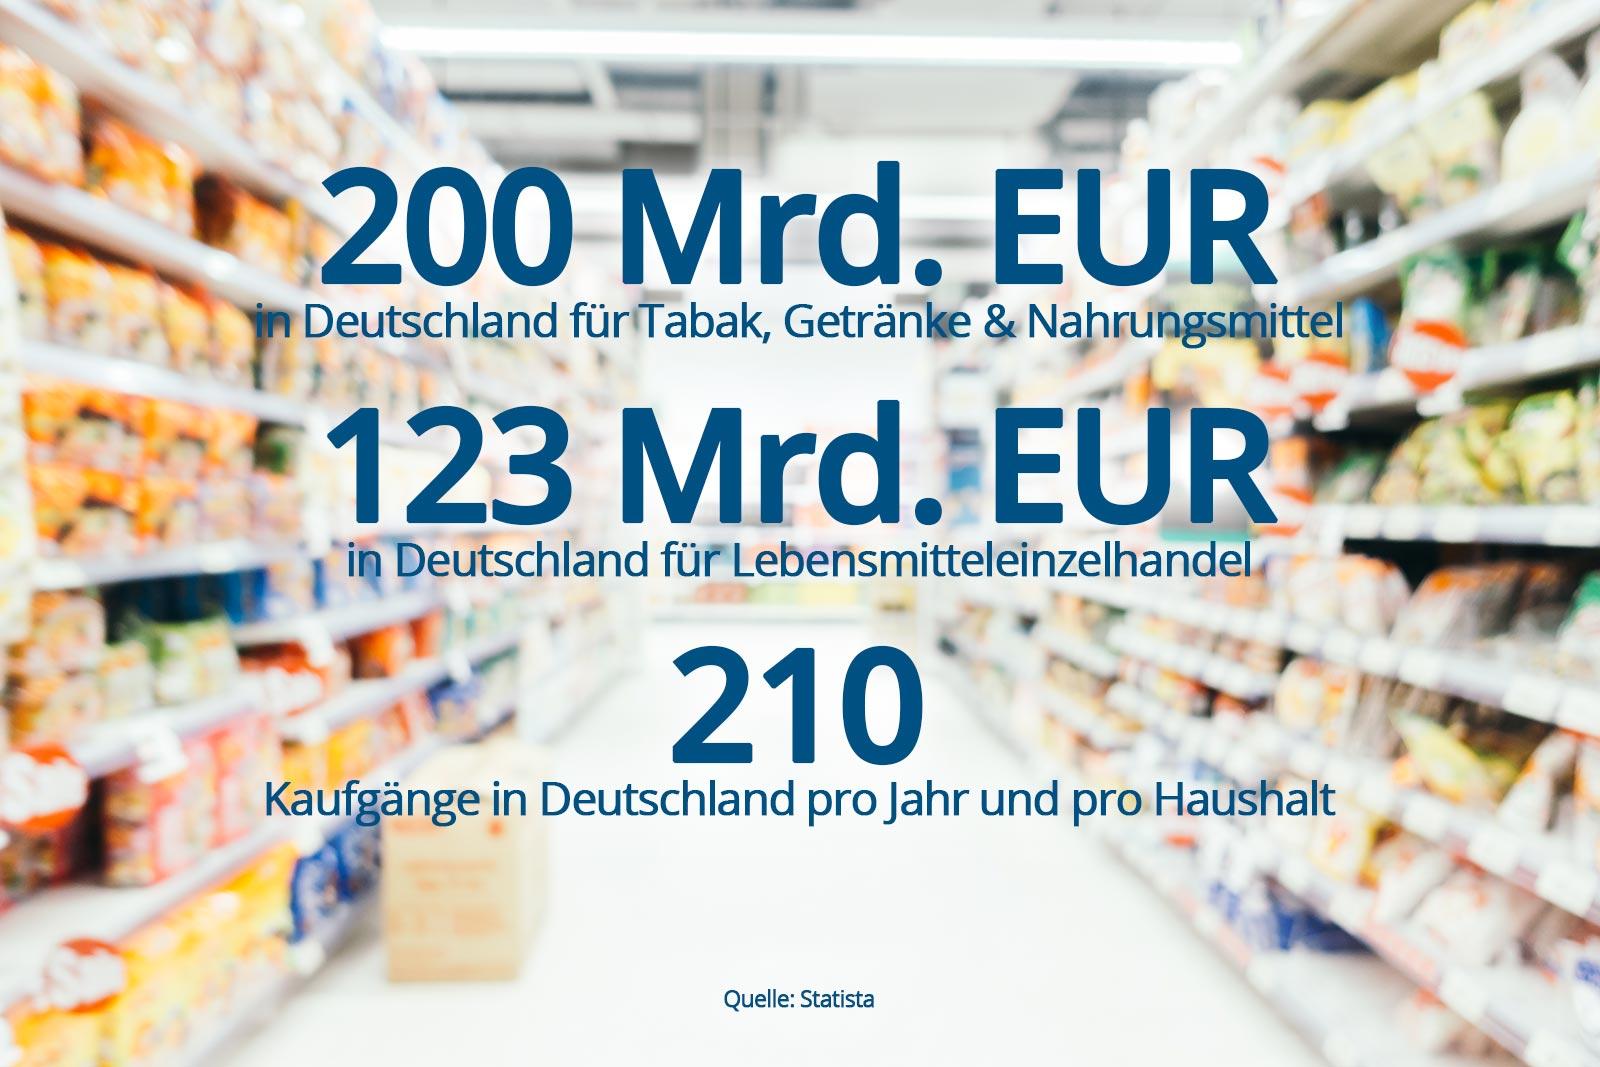 fmcg-statistik-deutschland